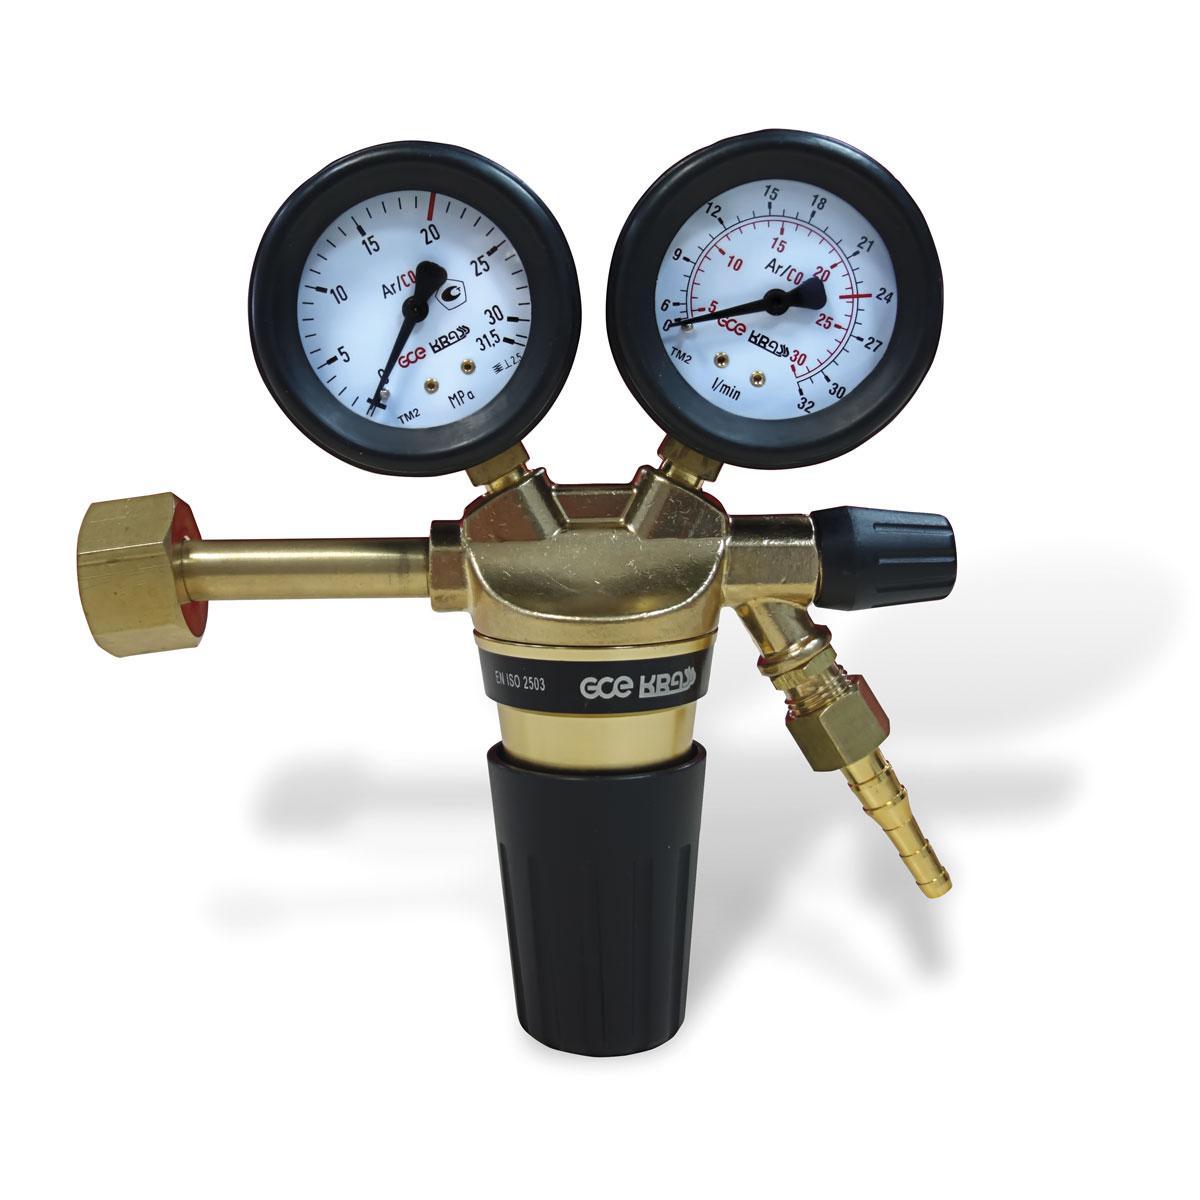 Регулятор Gce krass Base control Аr/co2 регулятор давления топлива спорт ауди 100 2 3 е